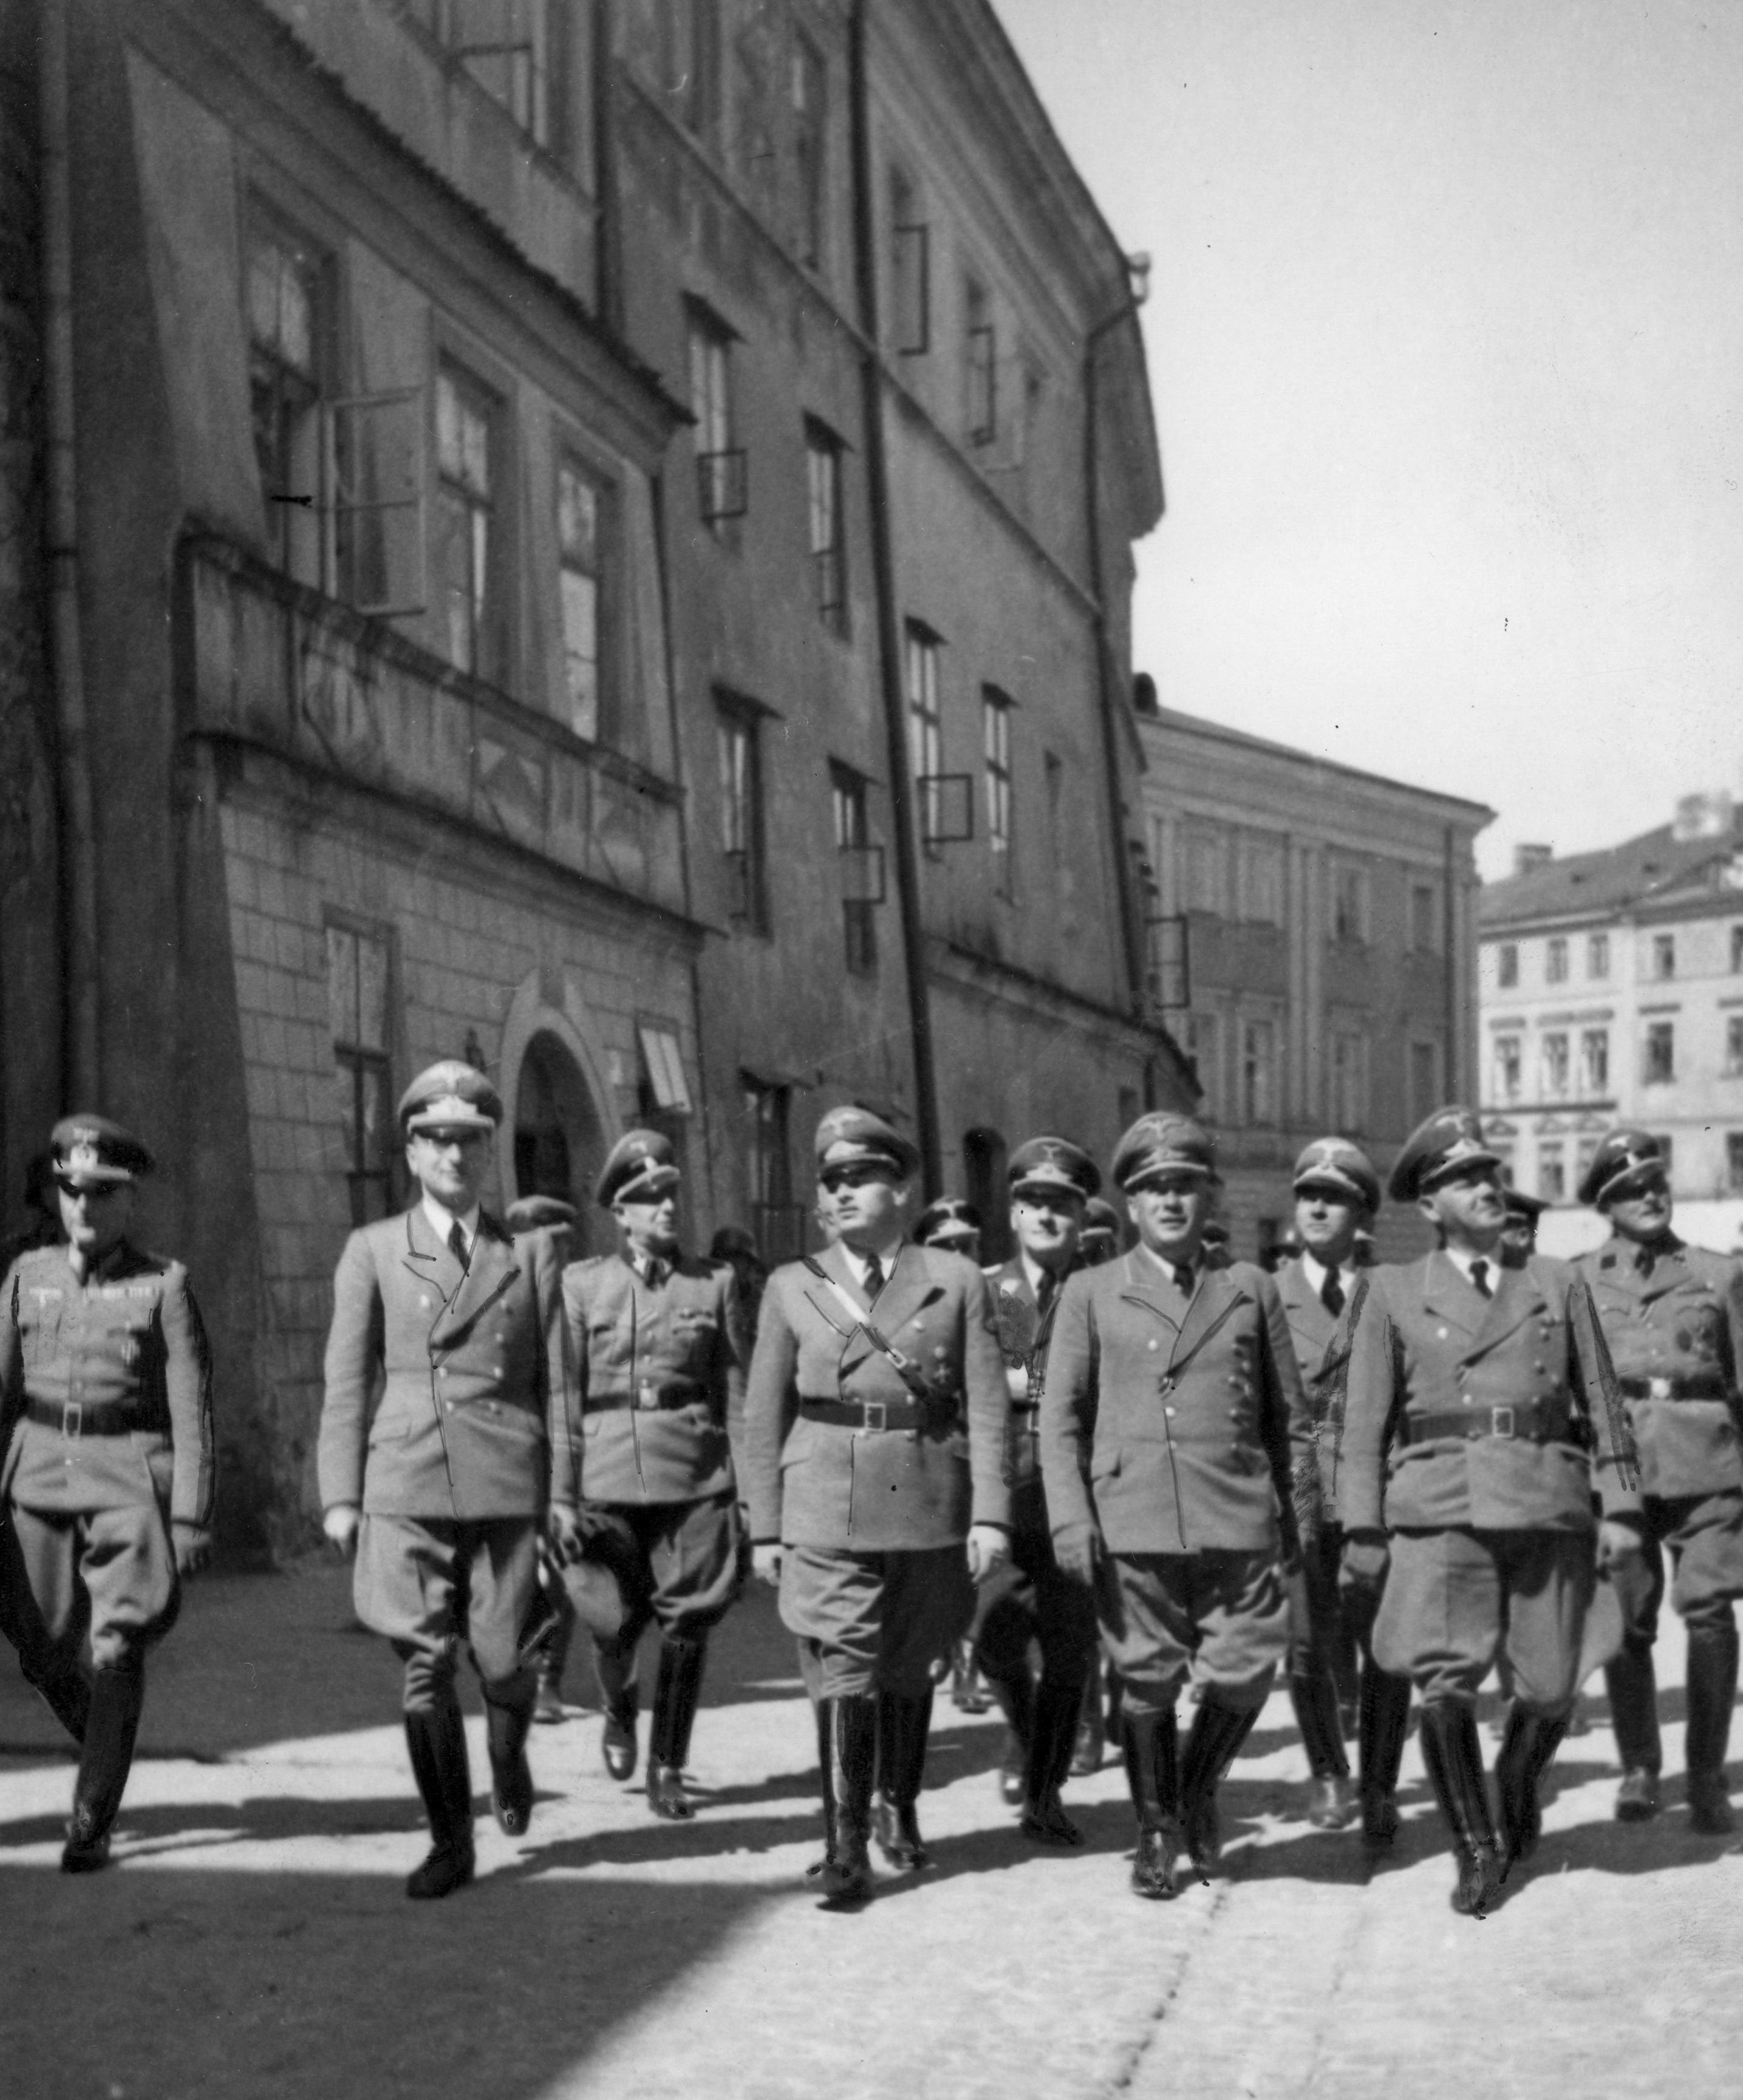 Wizyta Hansa Franka na terenie zlikwidowanego getta w Lublinie.